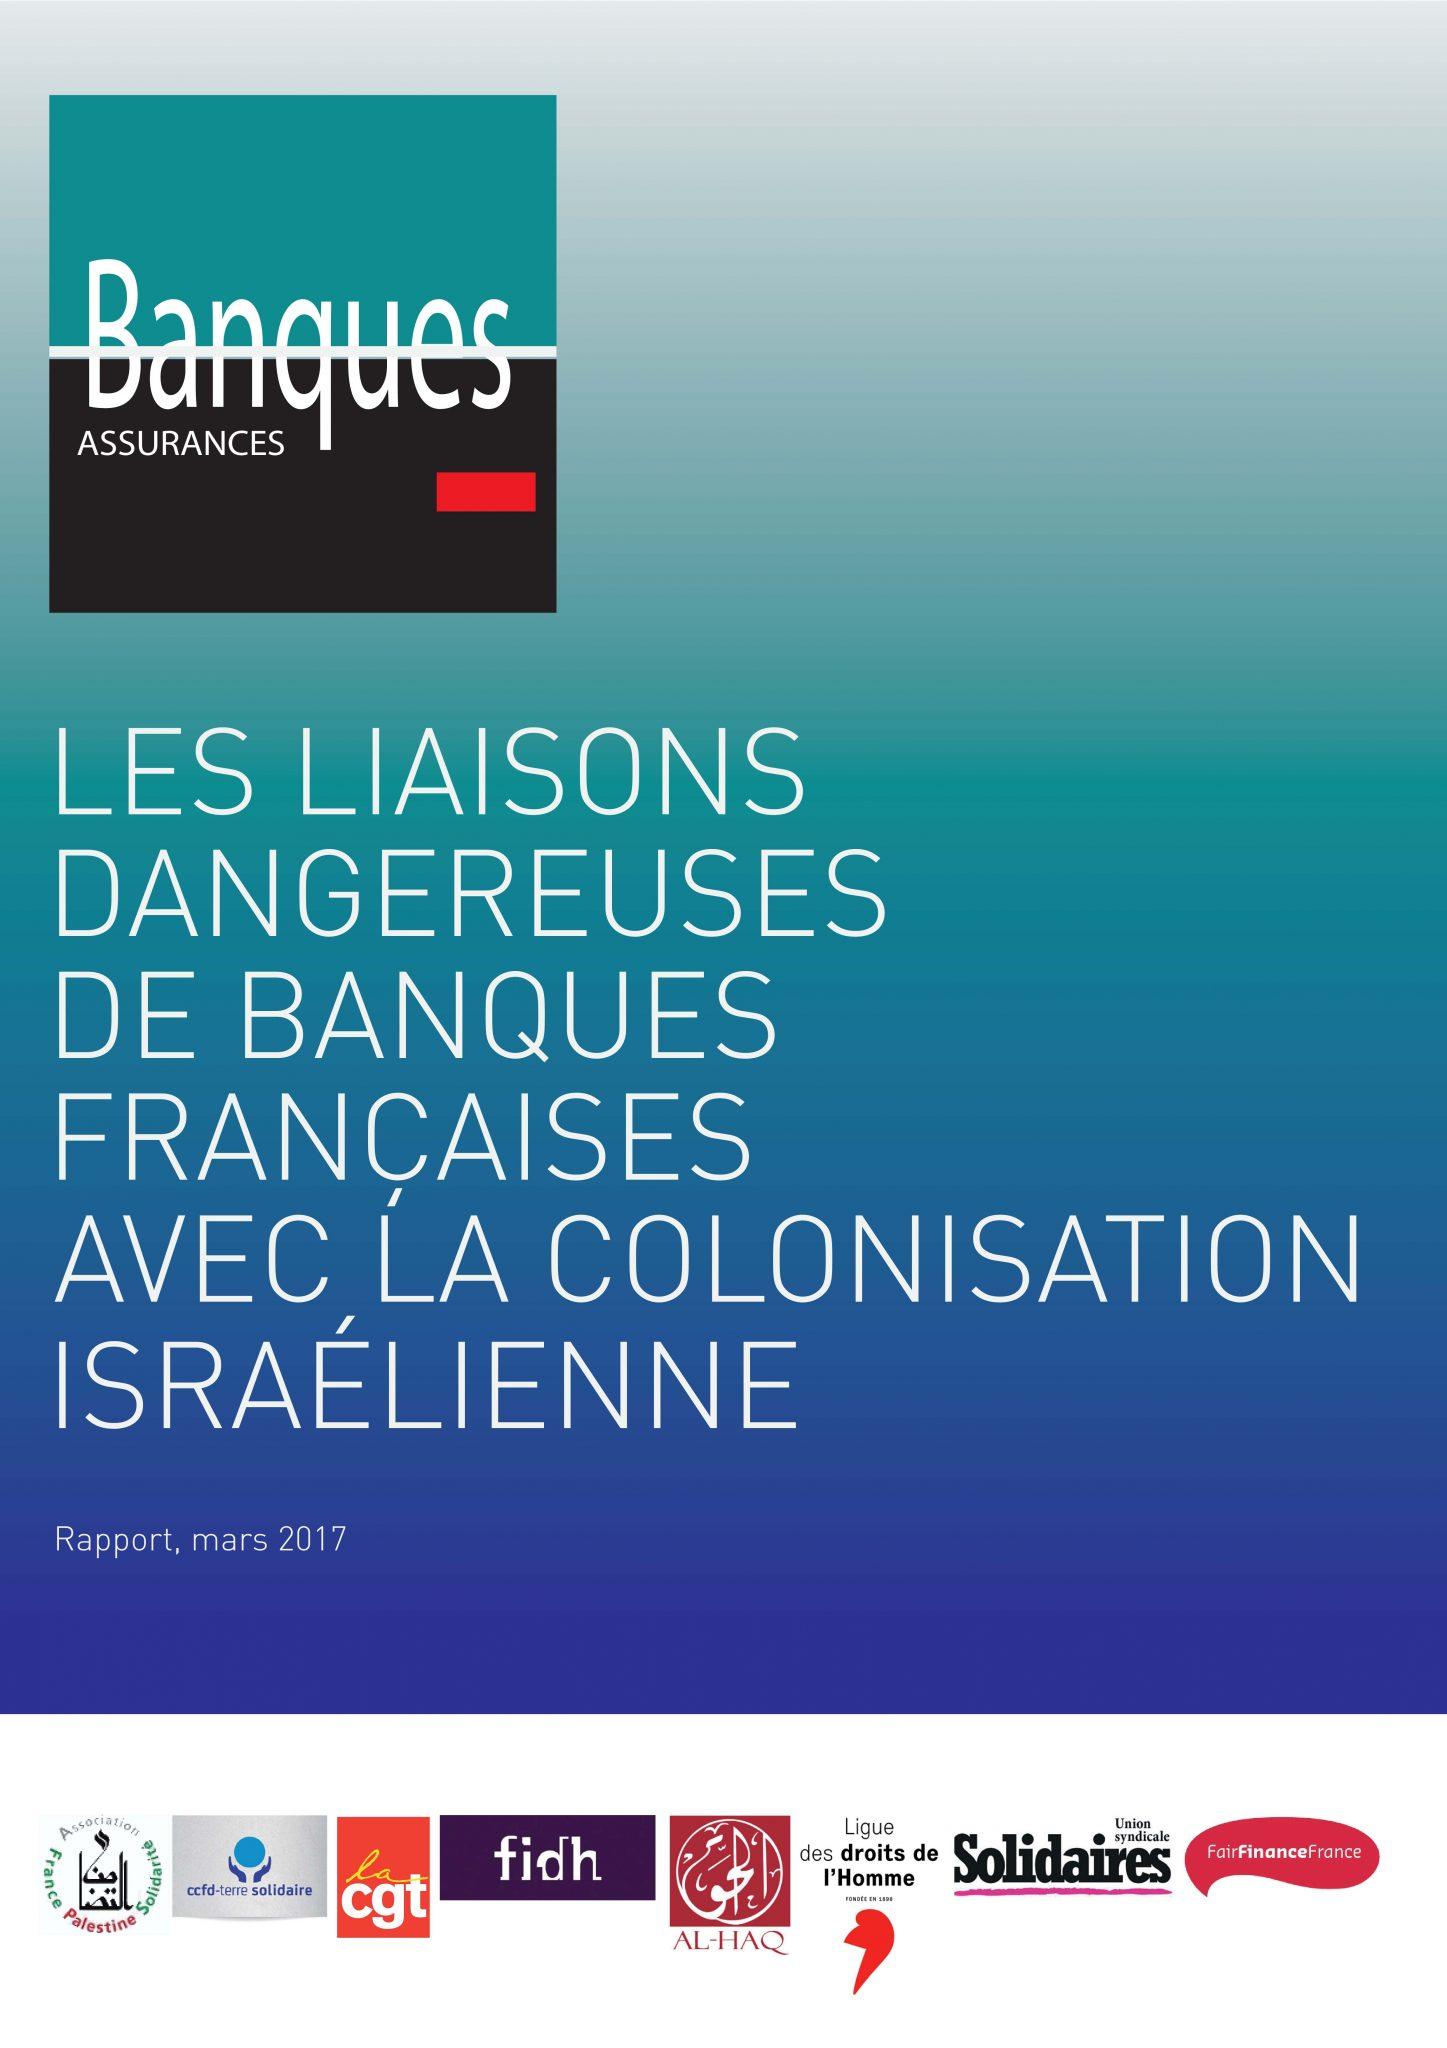 les-liaisons-dangereuses-de-banques-franc%cc%a7aises-avec-la-colonisation-israelienne-mars-2017